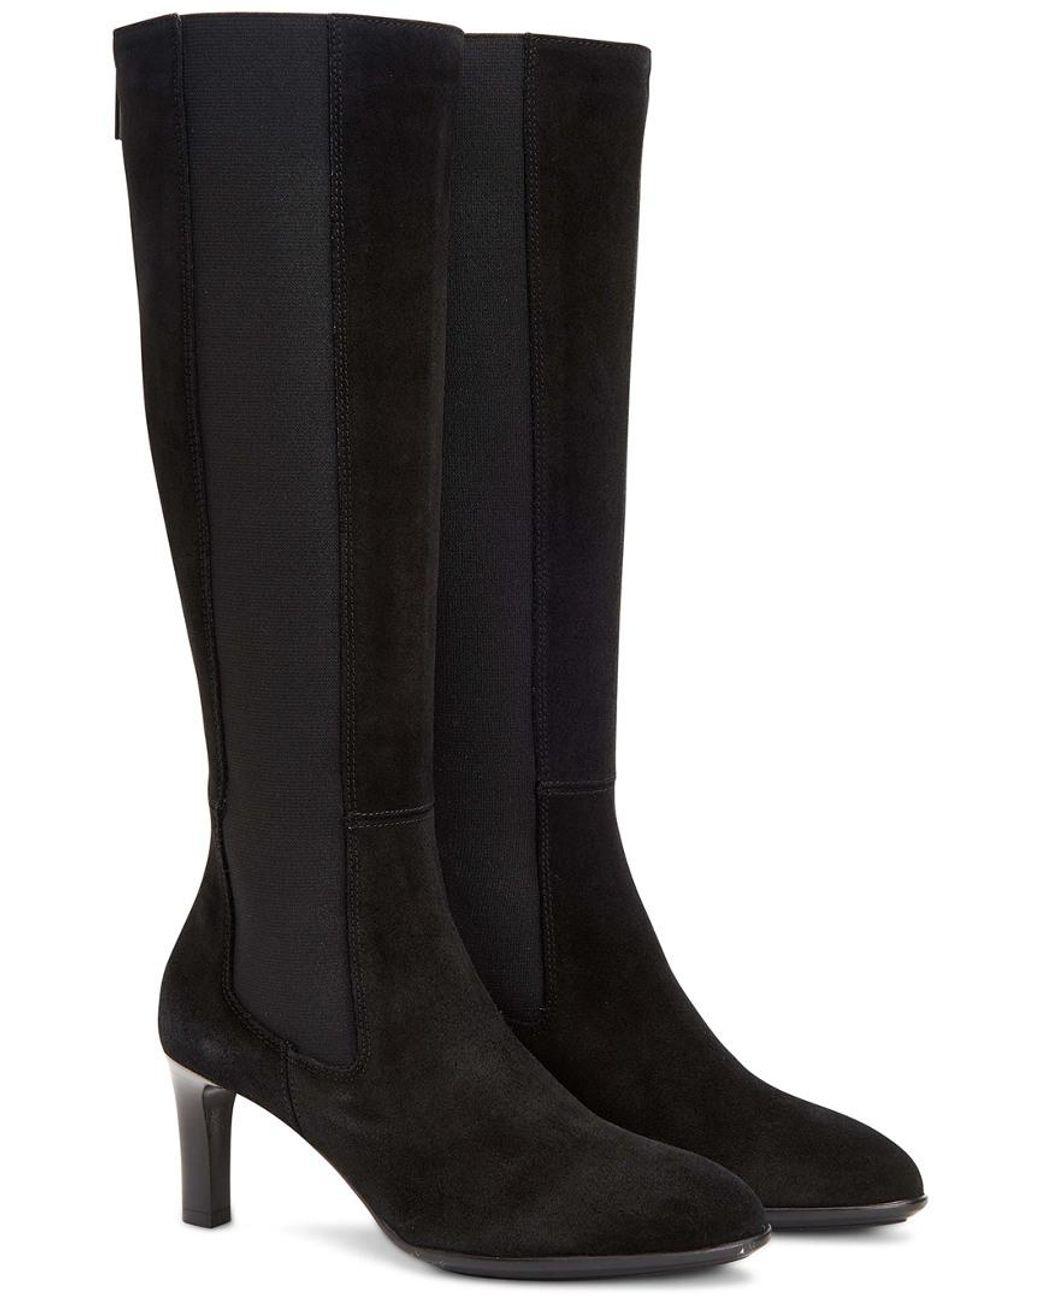 Aquatalia Dahna Weatherproof Suede Boot